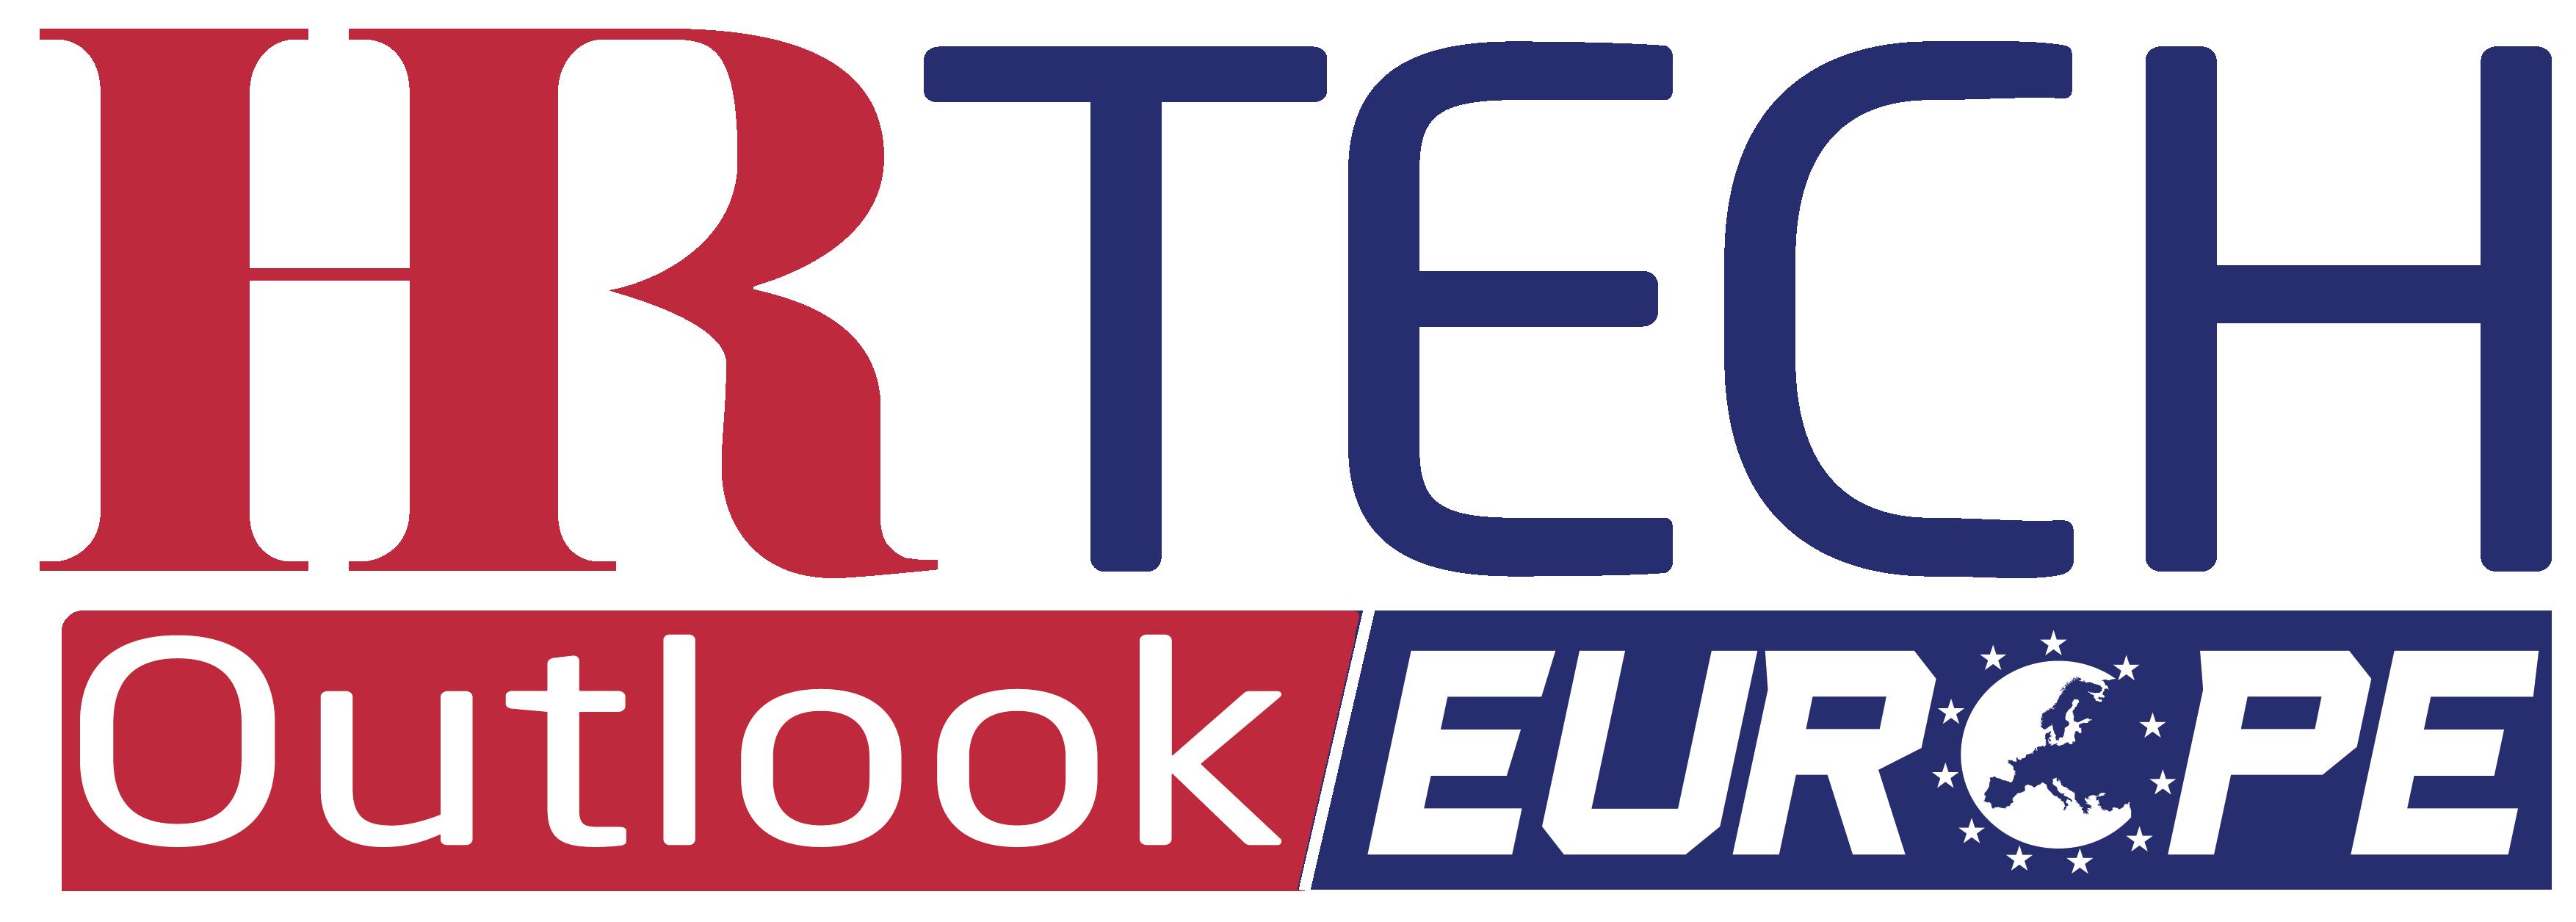 hrtechoutlookeurope